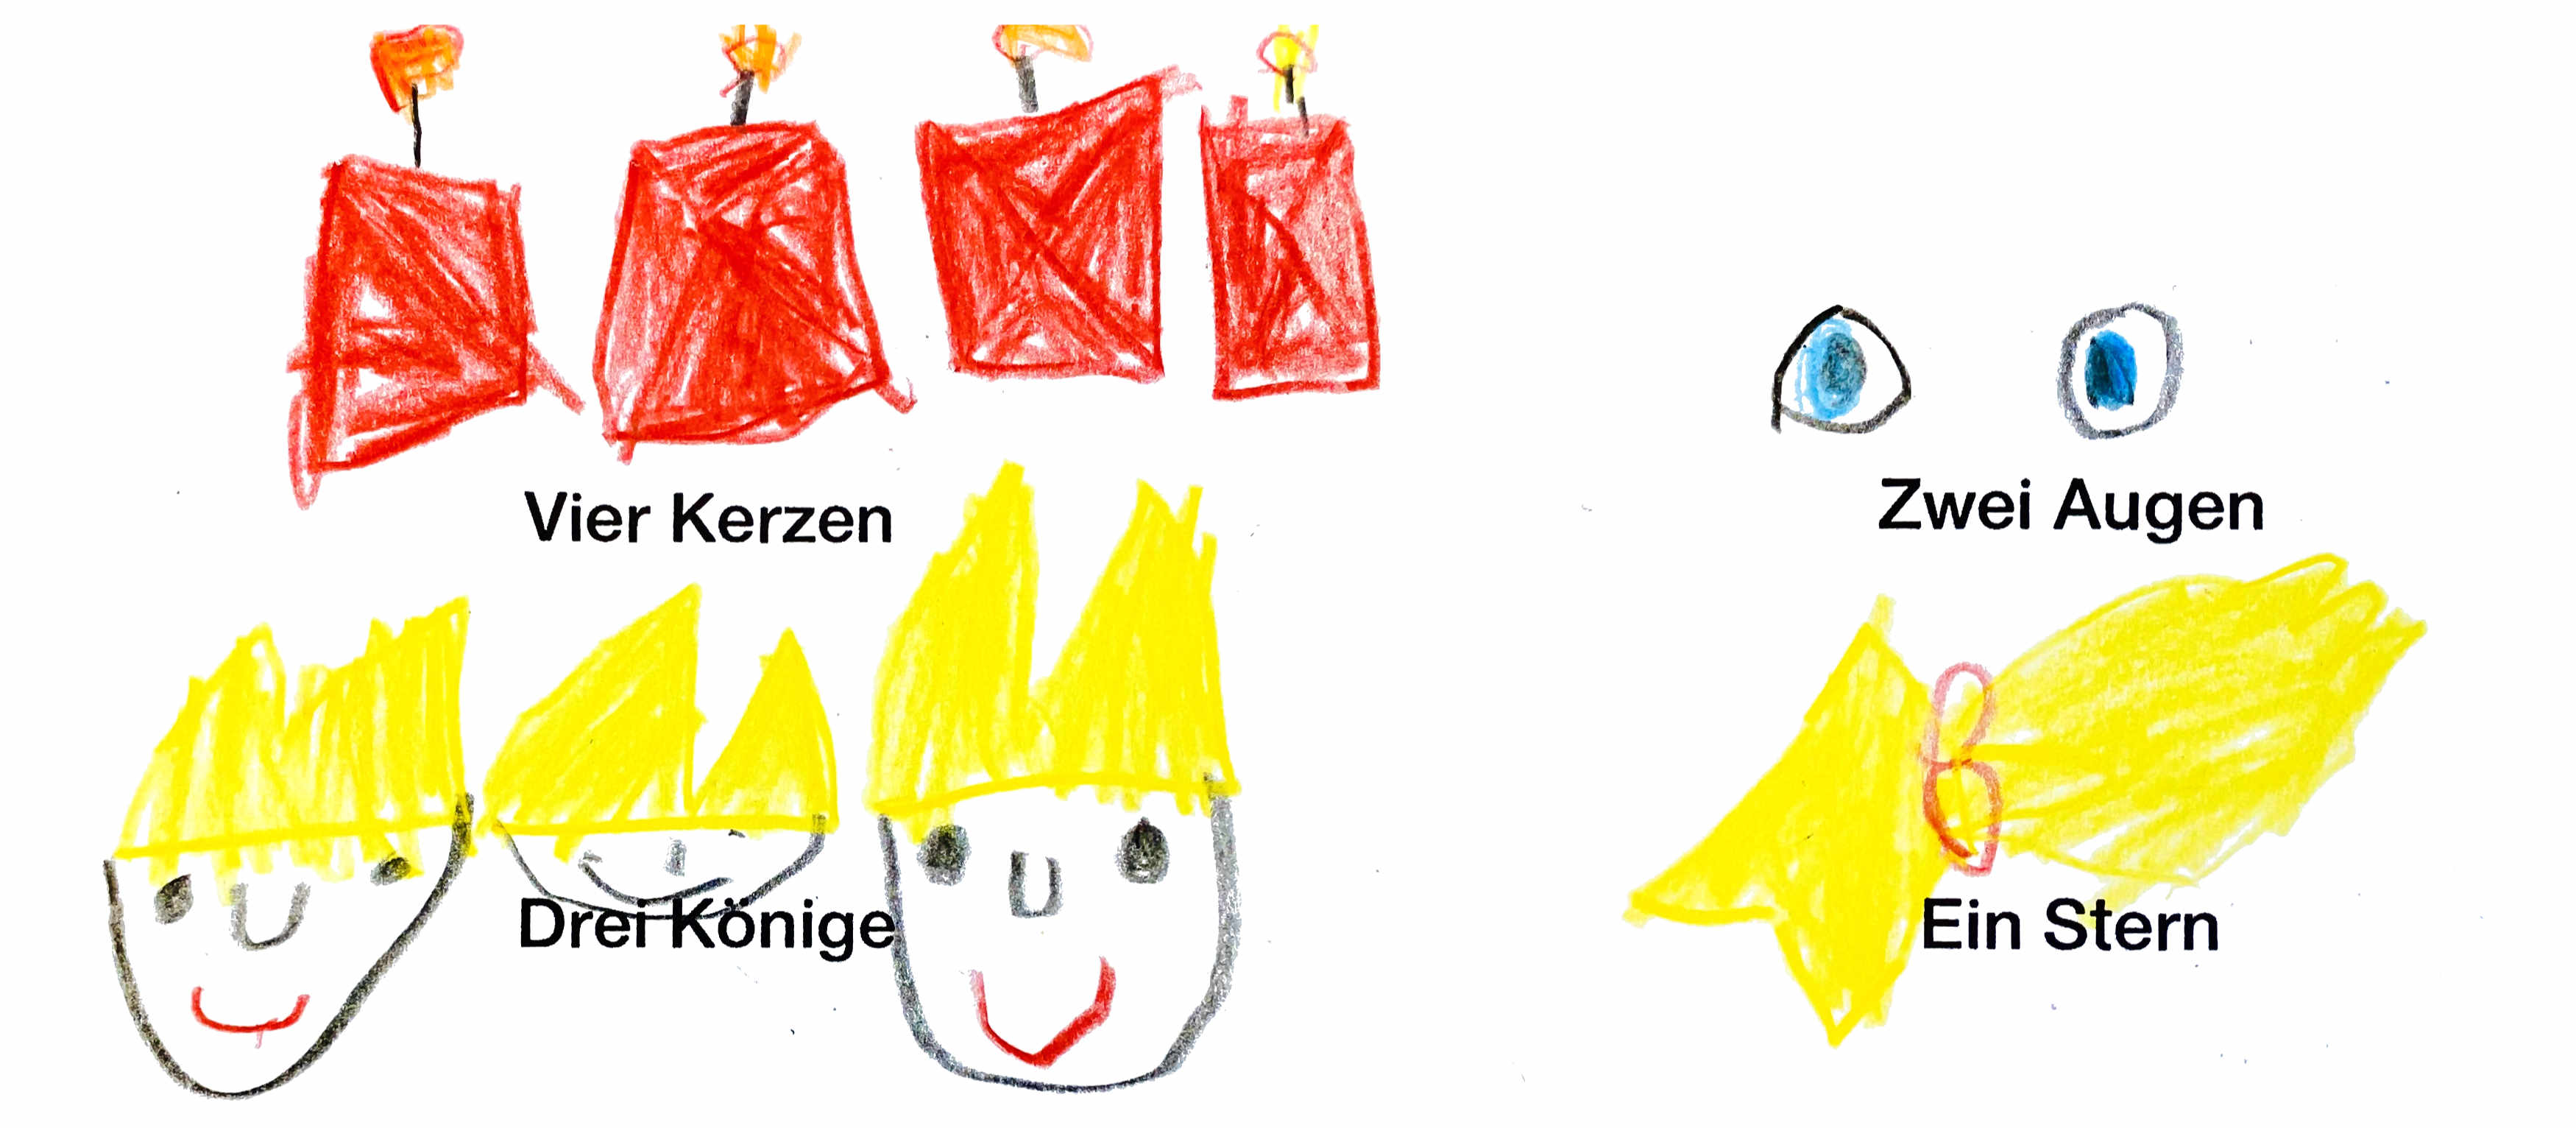 Die Schulgemeinschaft der Johannes-Schwwartz-Schule wünscht allen schöne Feiertage!